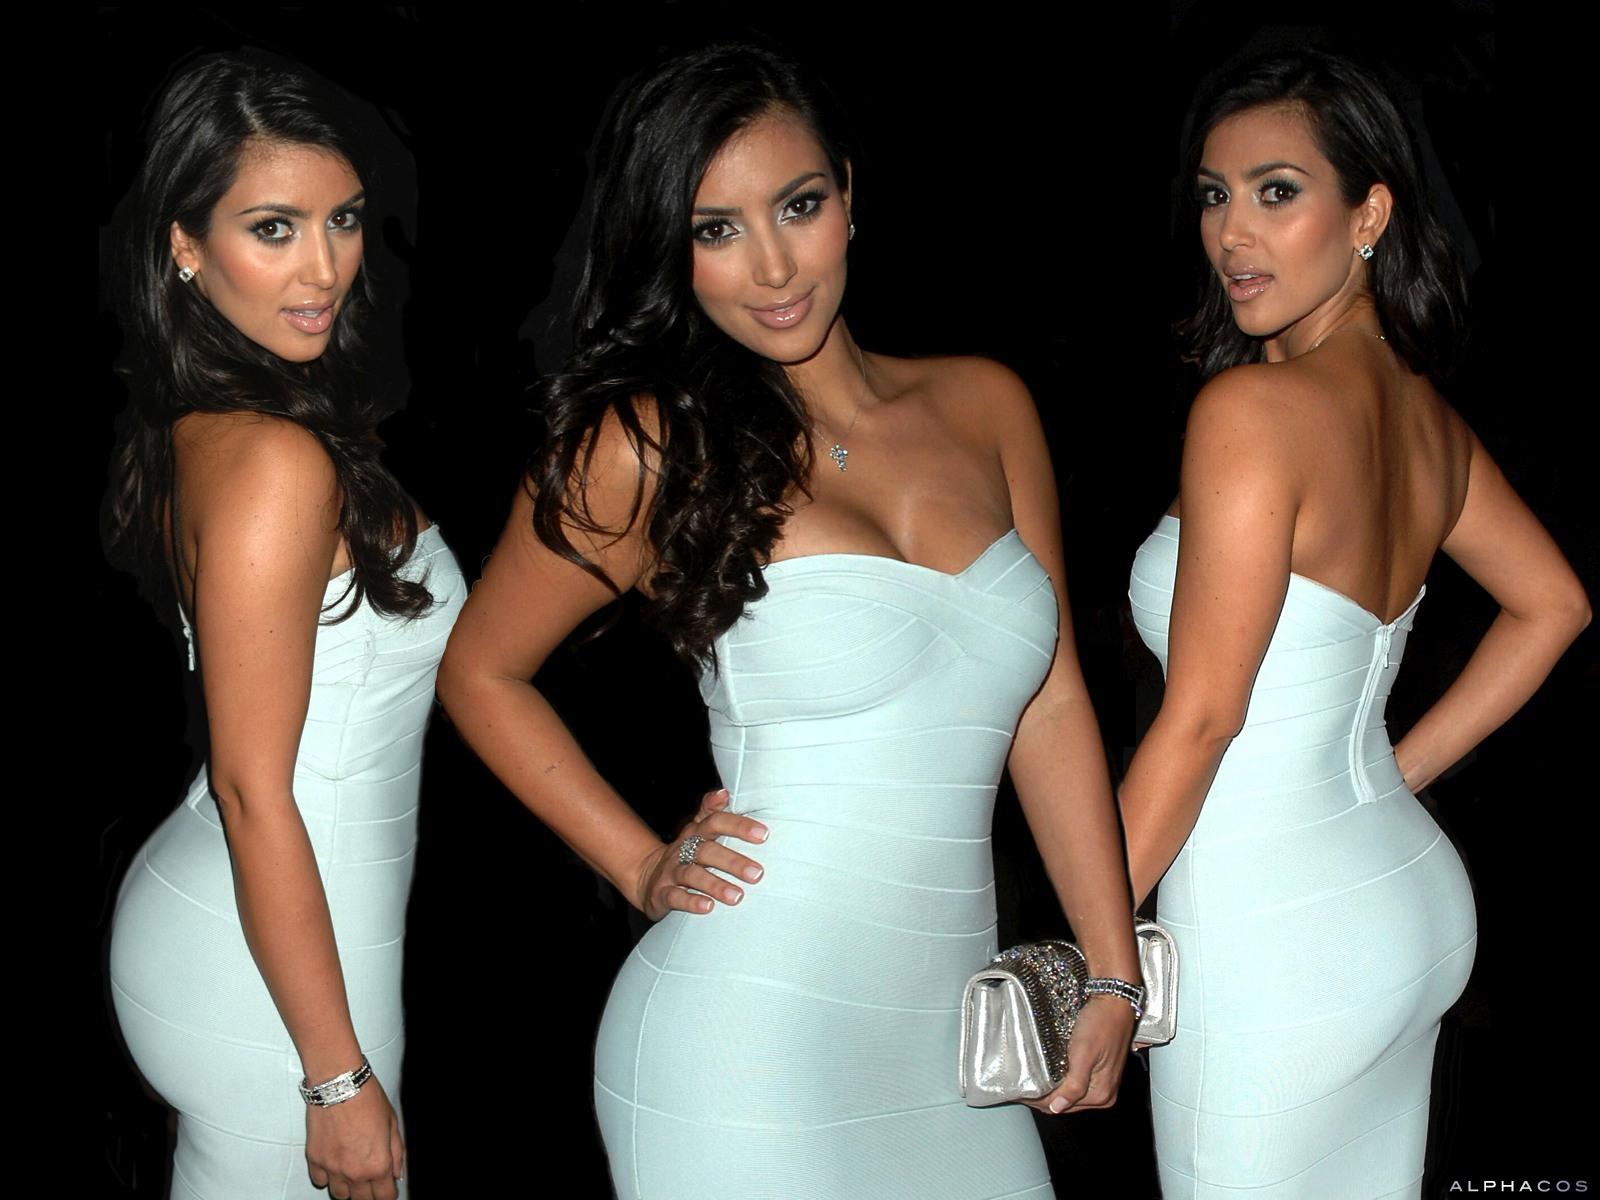 http://1.bp.blogspot.com/_LQl_qakPal8/S842QjMSUVI/AAAAAAAAJt0/PMkr8Fr2AnE/s1600/kim_kardashian3.jpg